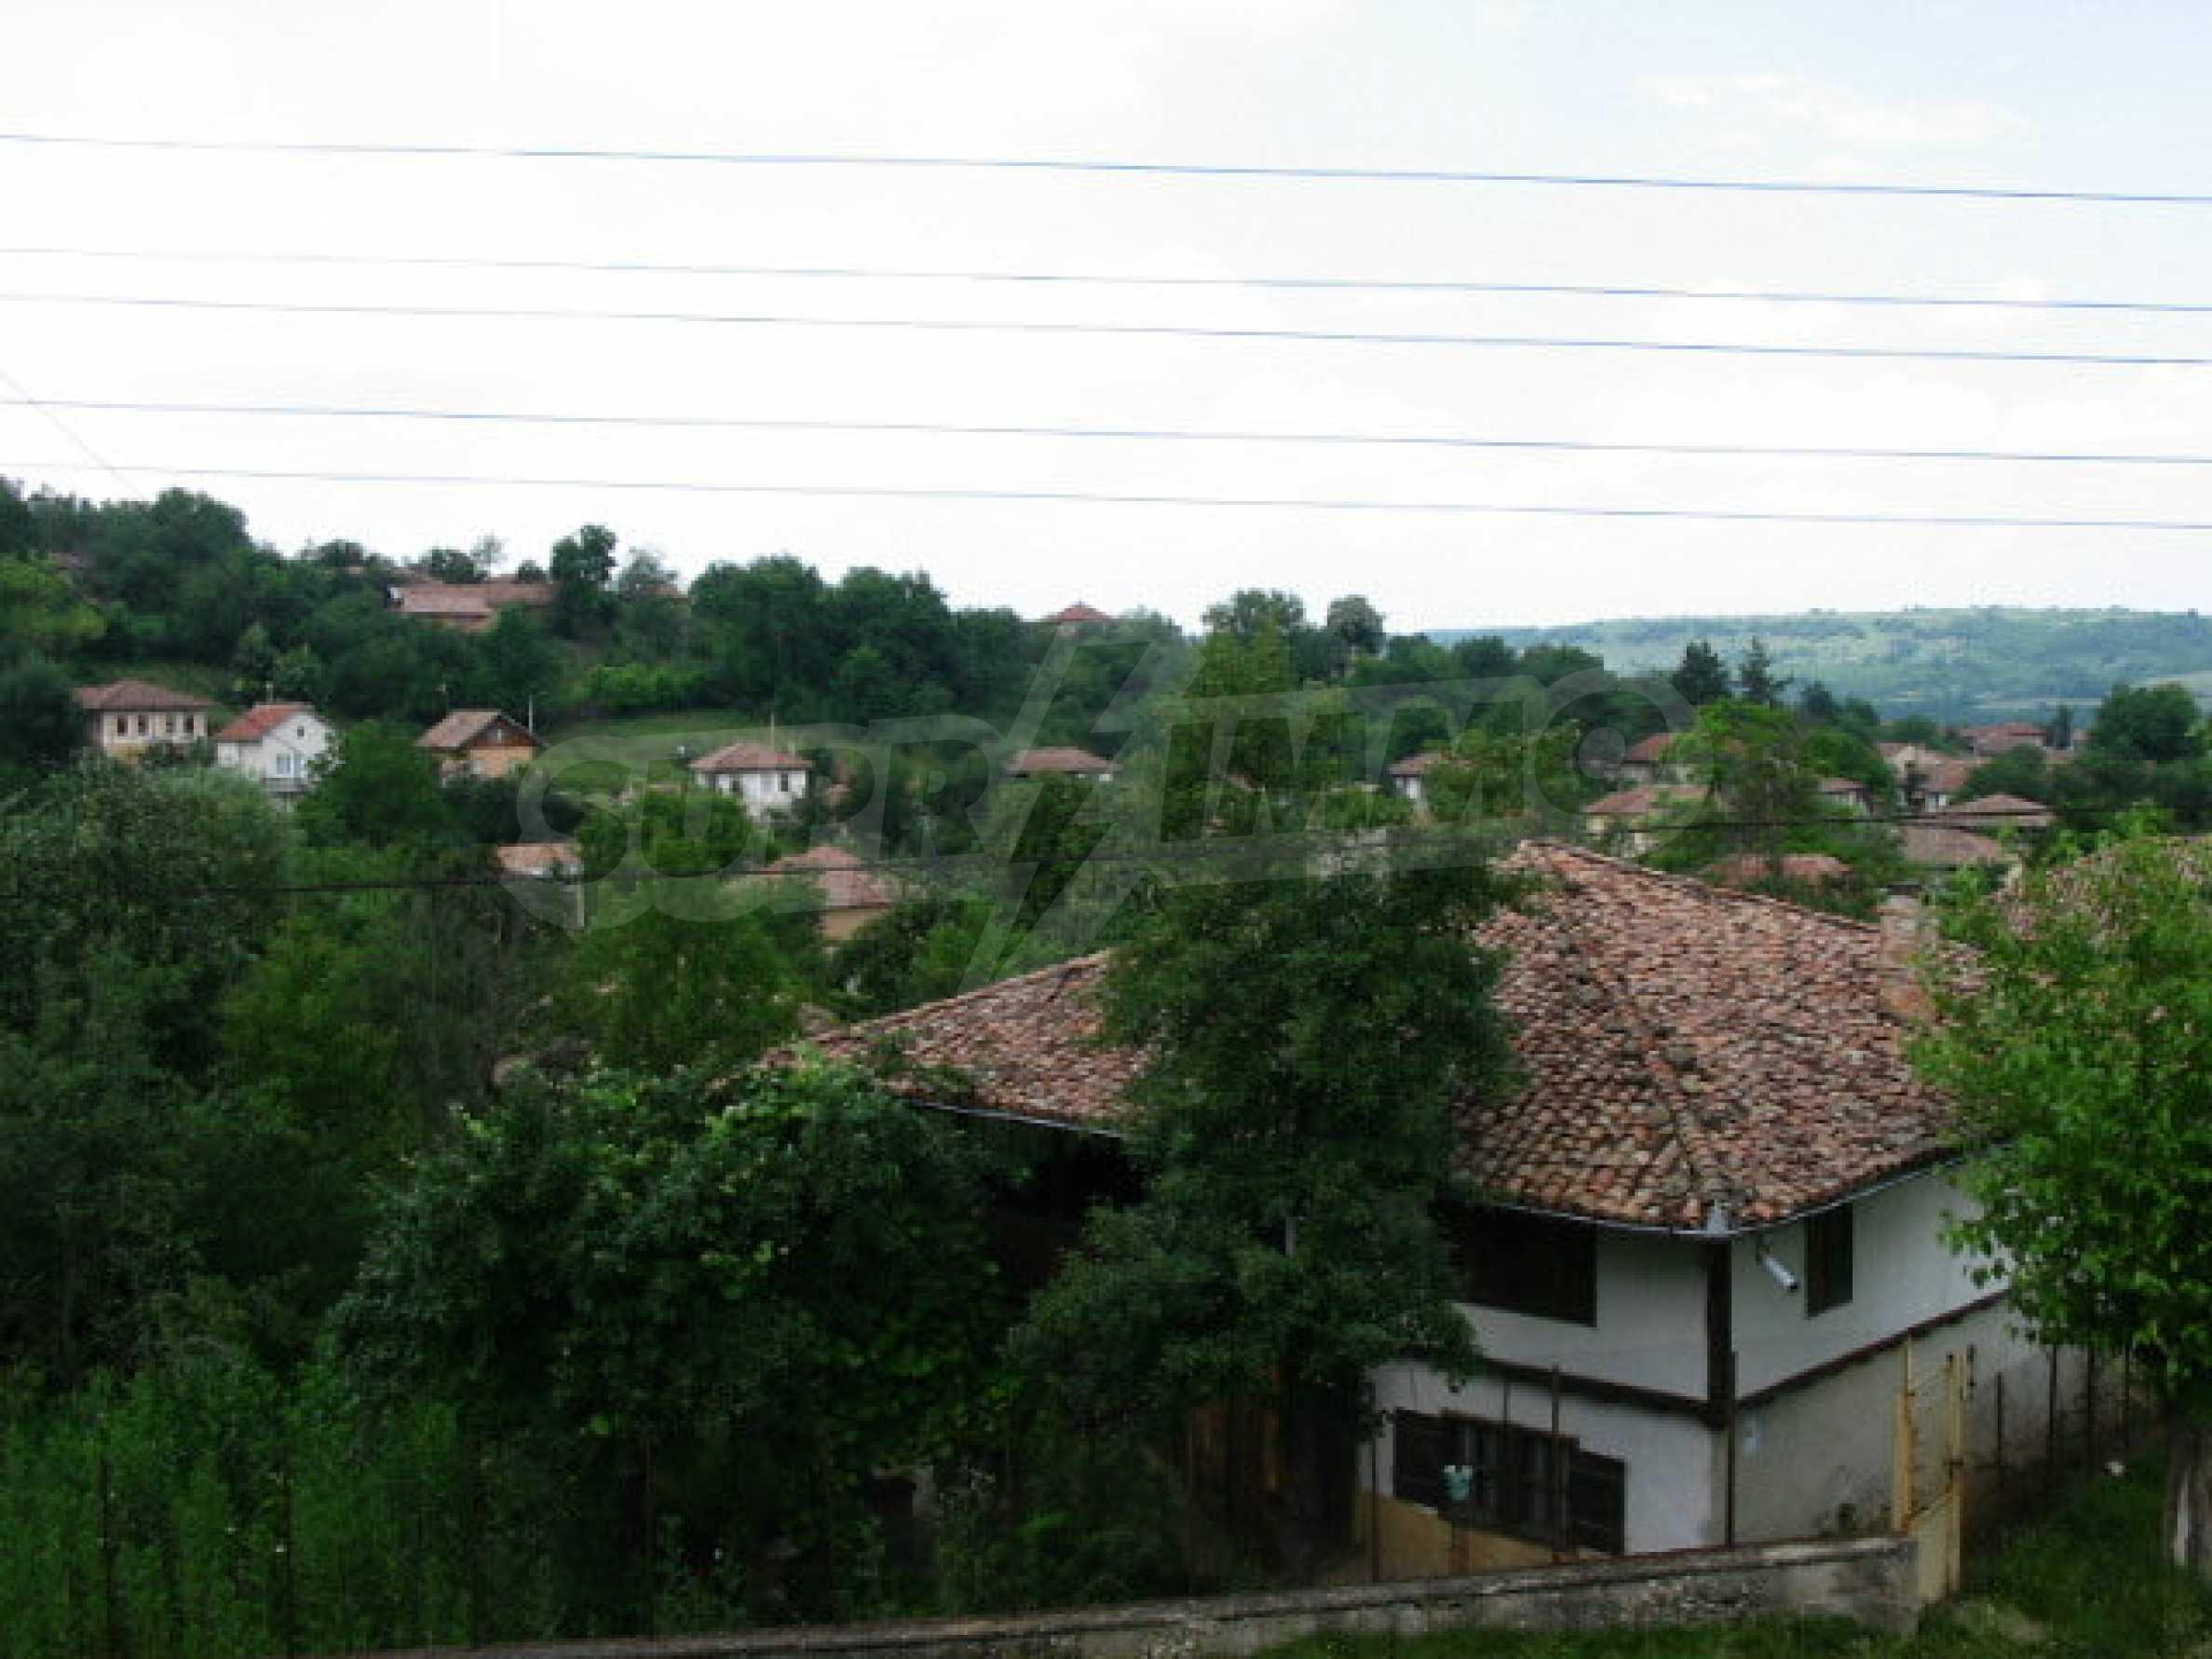 Двухэатжный дом, выстроенный в традиционном болгарском стиле 12